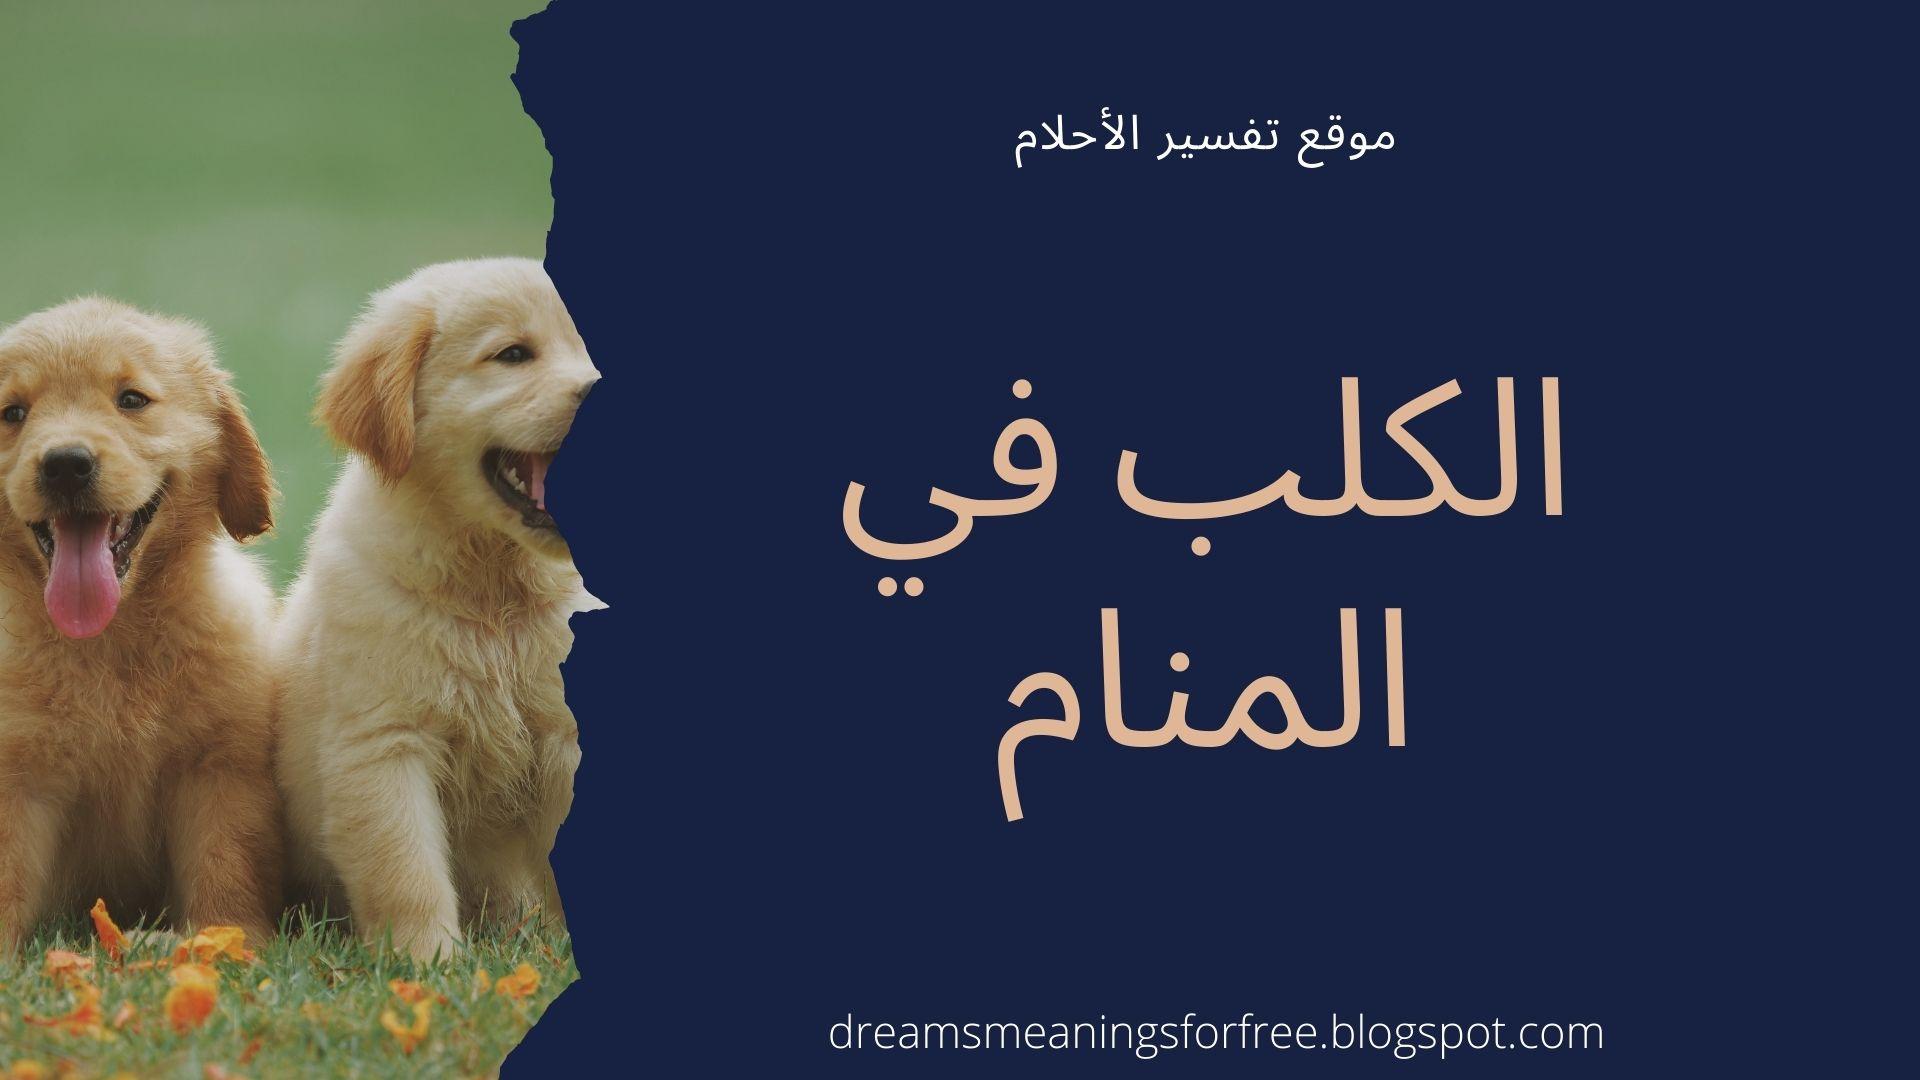 الكلب في المنام تفسير رؤية الكلب والكلبة والكلاب في الحلم